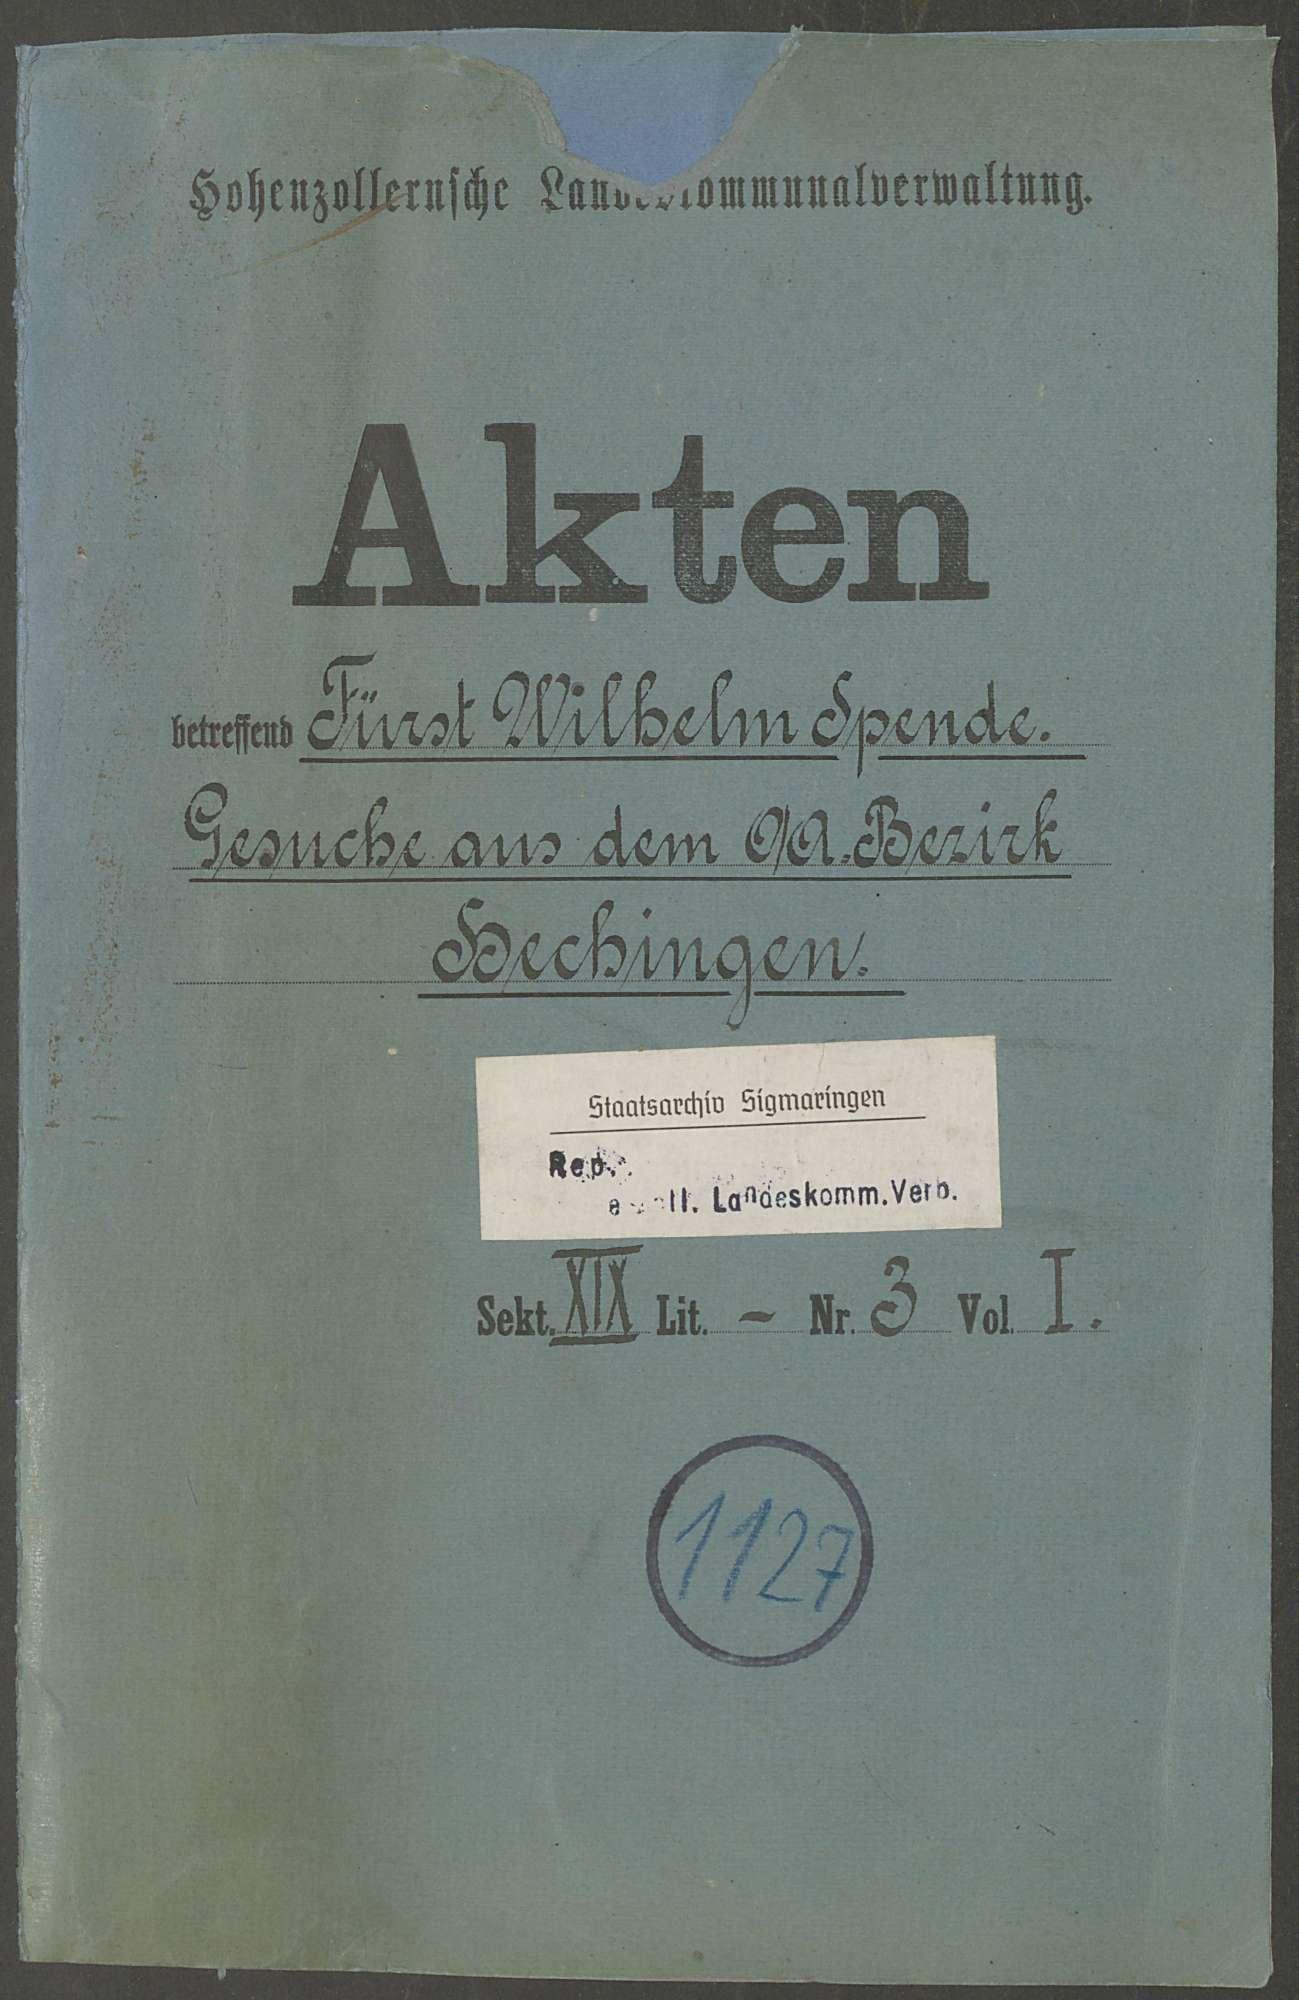 Fürst Wilhelm-Spende zu Gunsten der durch den Krieg Geschädigten in Hechingen - Bd. 1, Bild 1